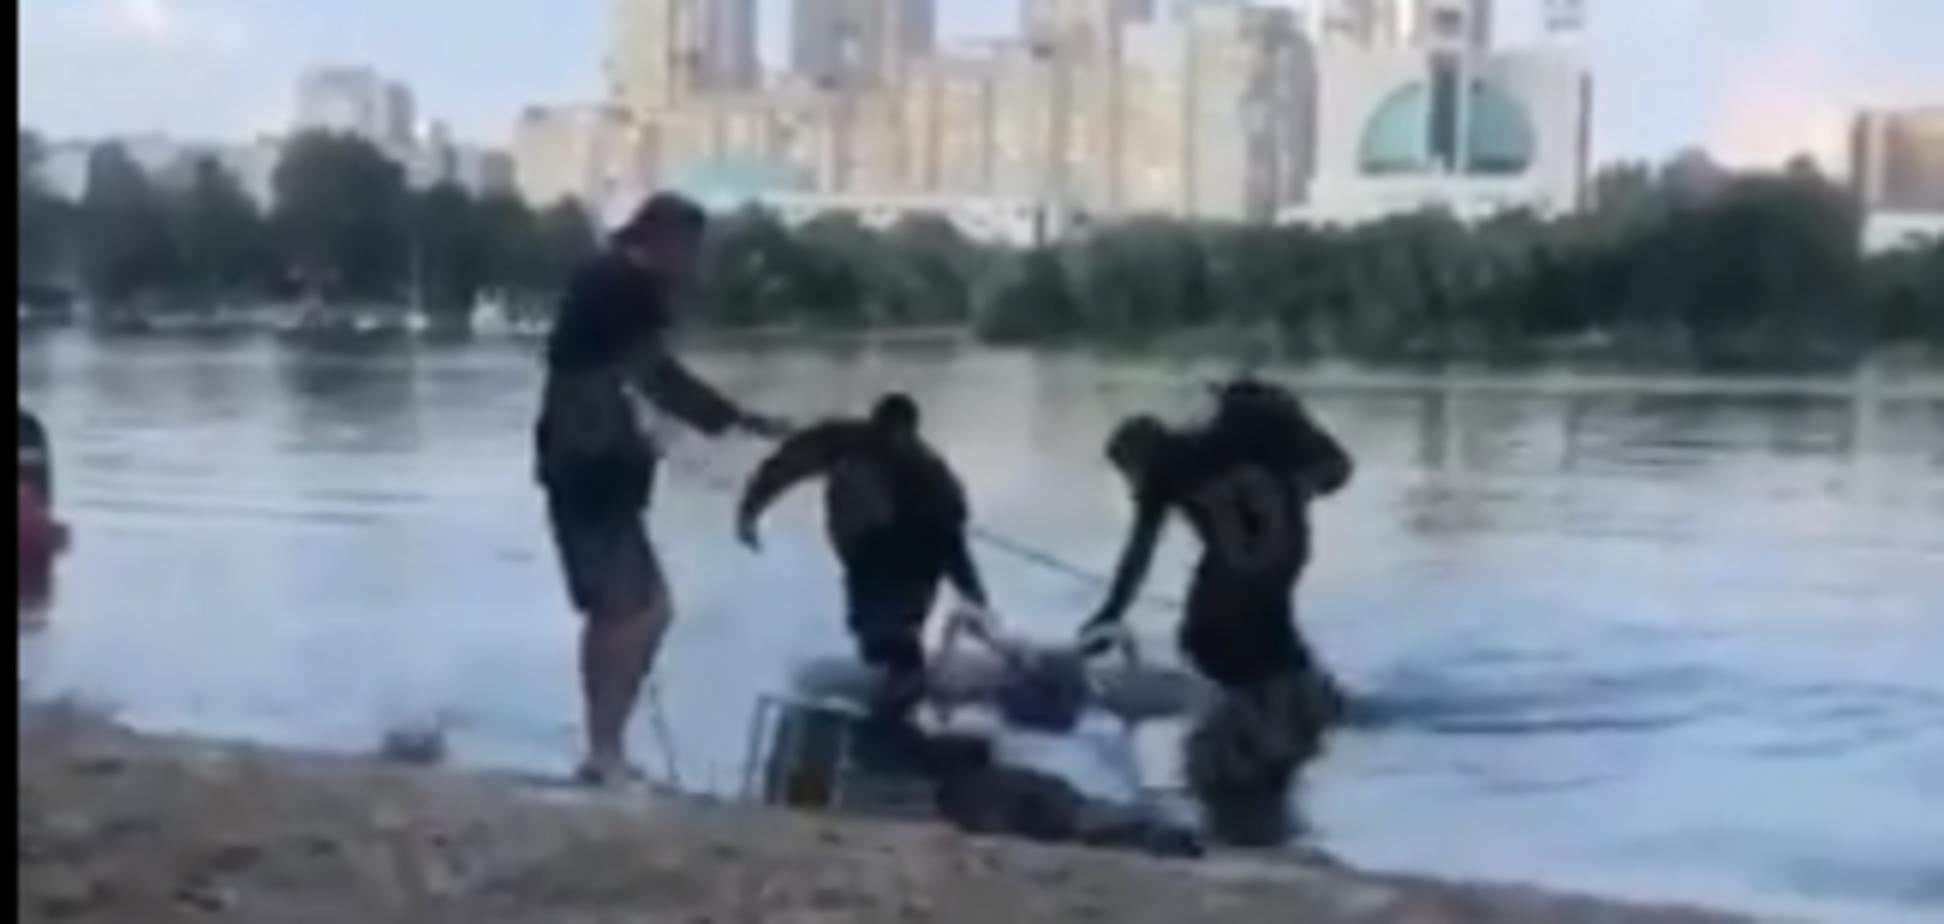 Полезла купаться пьяной: в Киеве выловили 19-летнюю утопленницу. Видео 18+